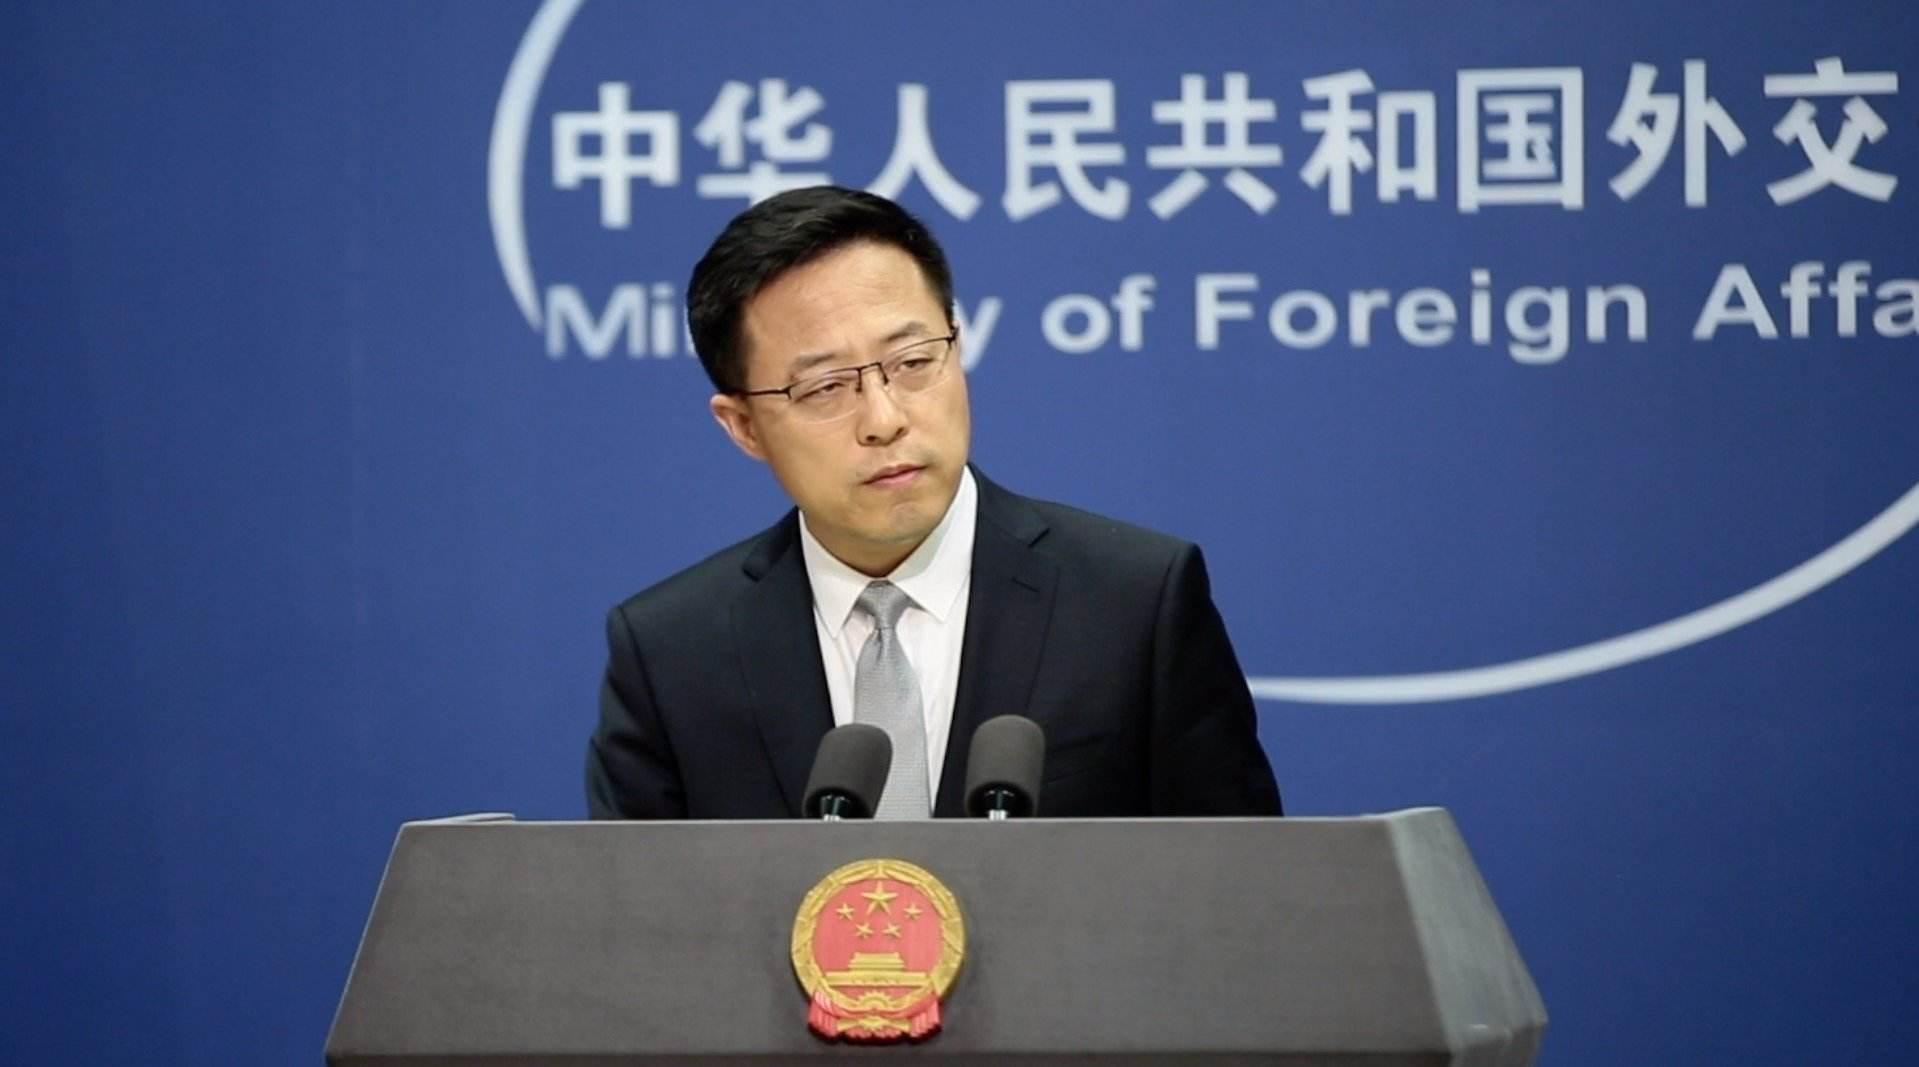 """冲中国来的?美国务院列出""""必须执行的十大任务"""",中方寸步不让"""